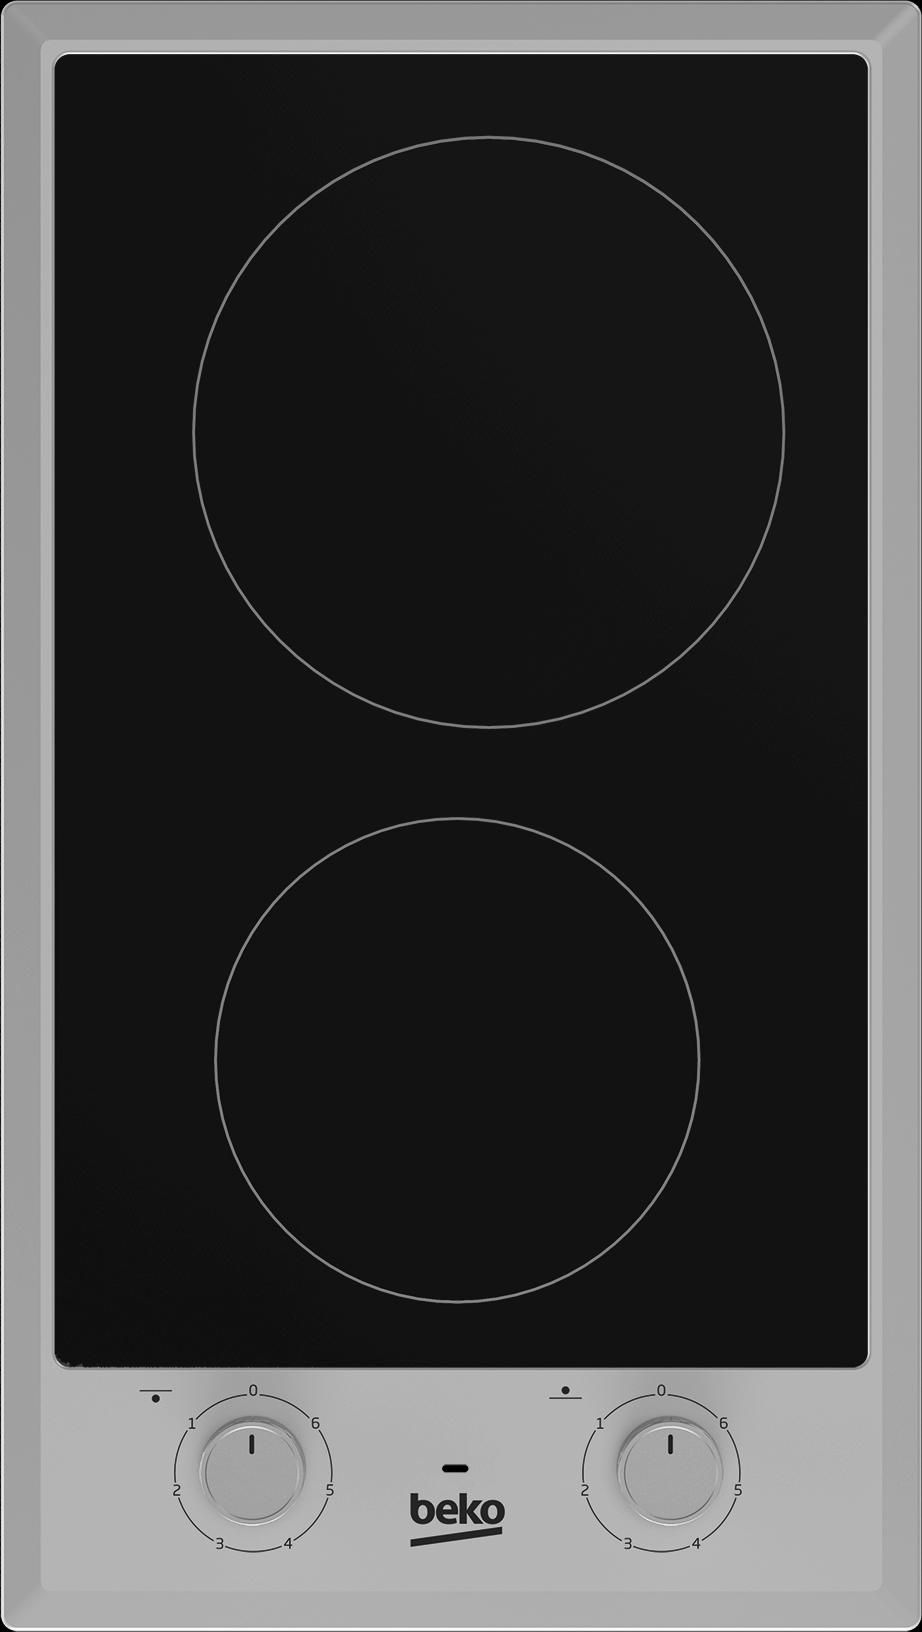 Beko HDCC32200 Keramische Inbouwkookplaat